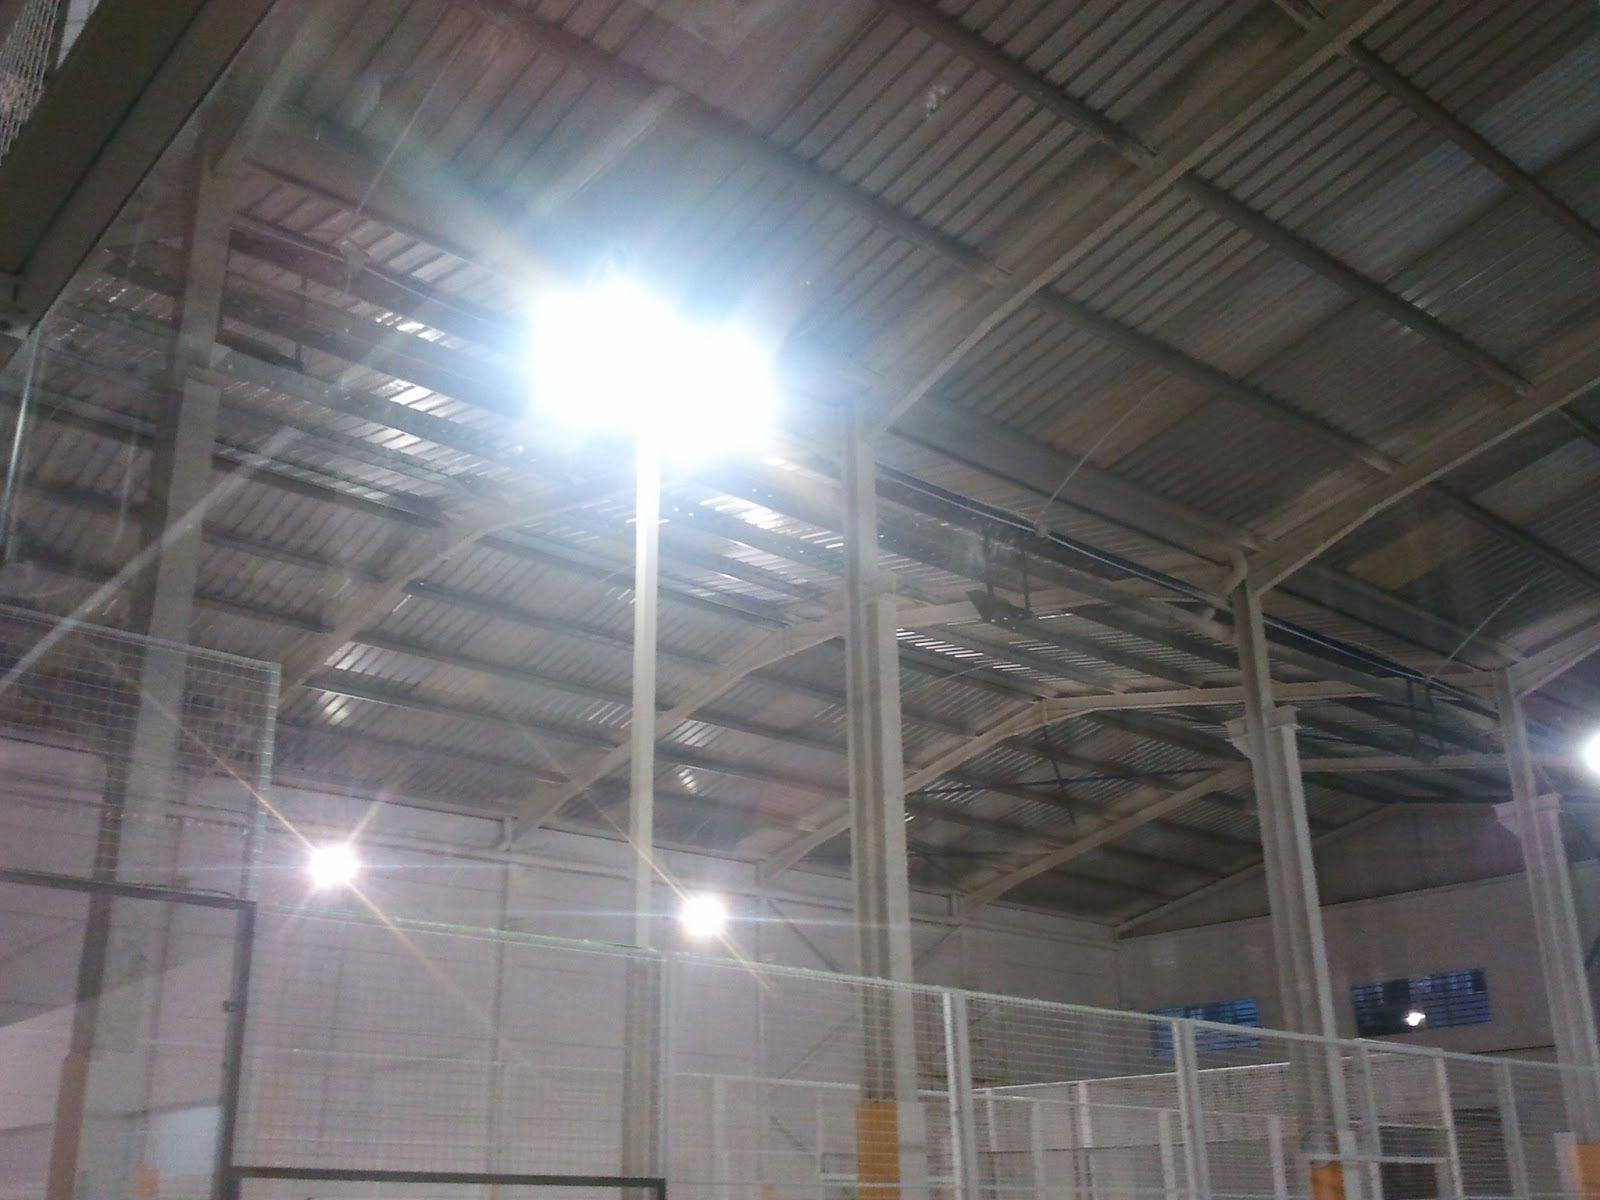 Instalación Focos Led 180w 22.000lm, 350lux  en Padel Interclub Meliána.